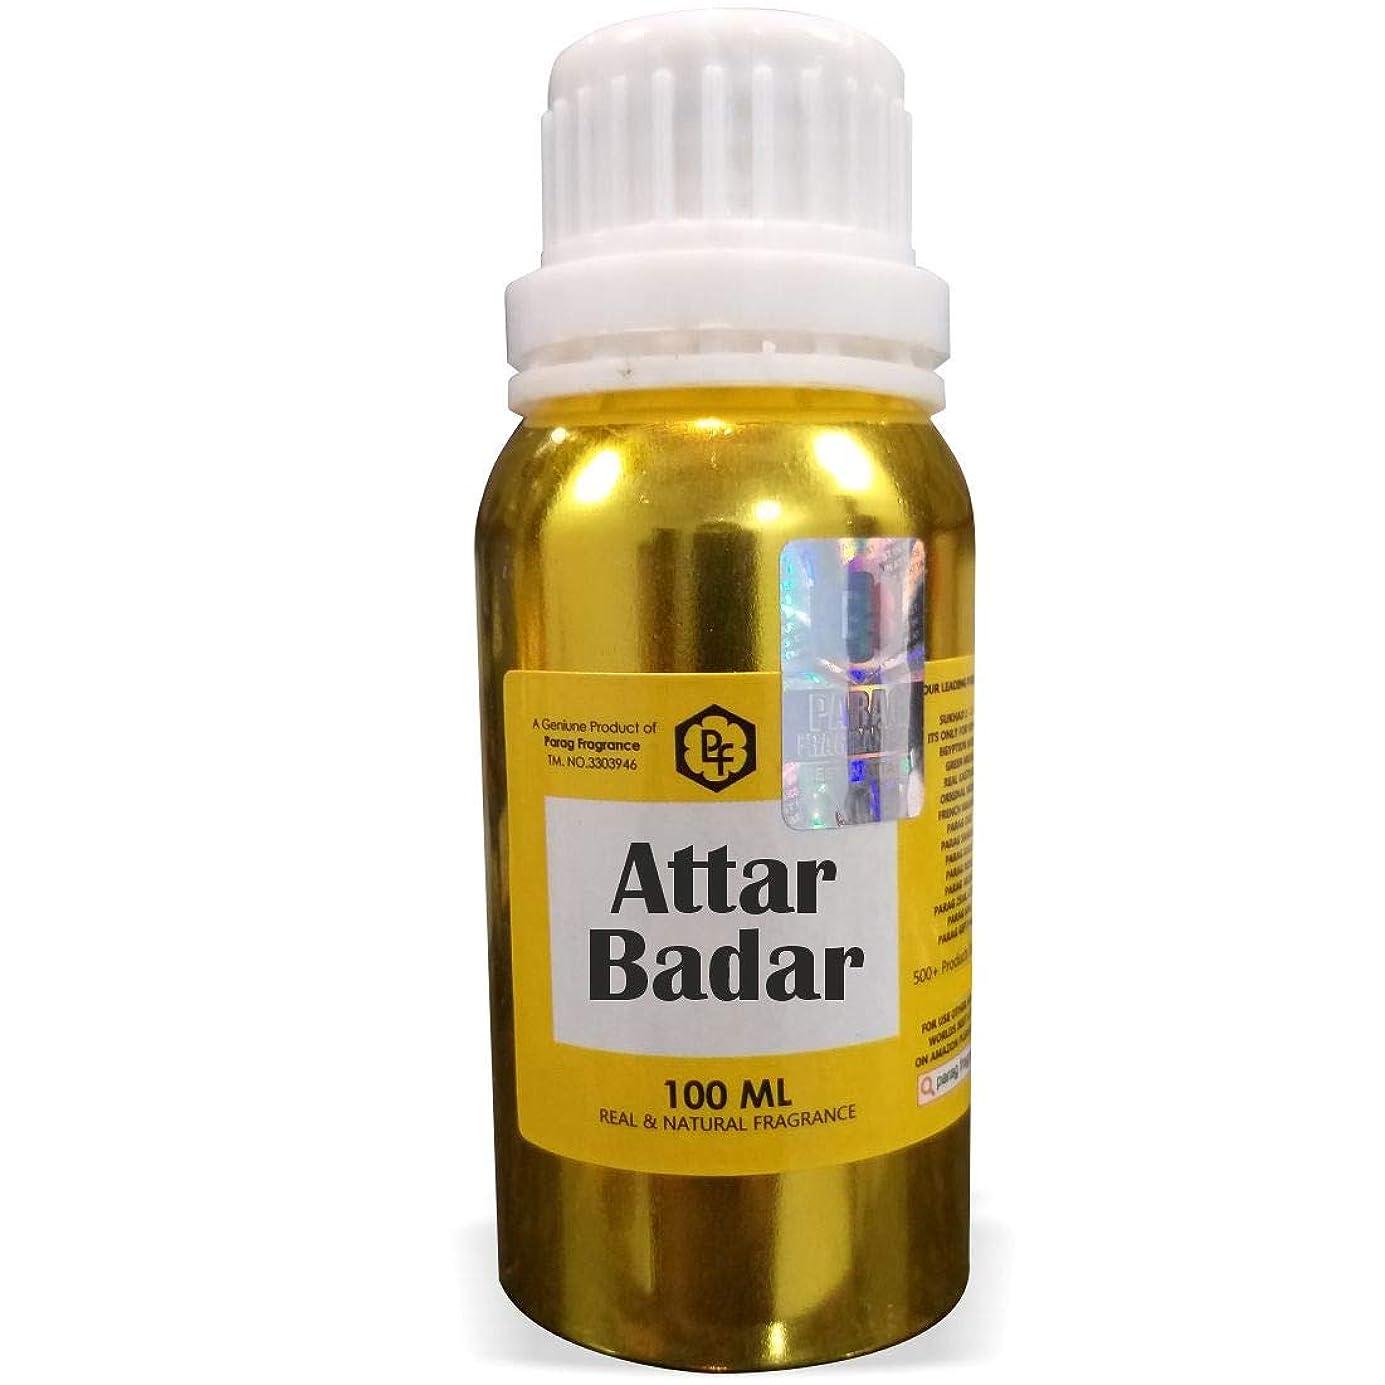 無限花火一元化するParagフレグランスBadarアター100ミリリットル(男性用アルコールフリーアター)香油| 香り| ITRA